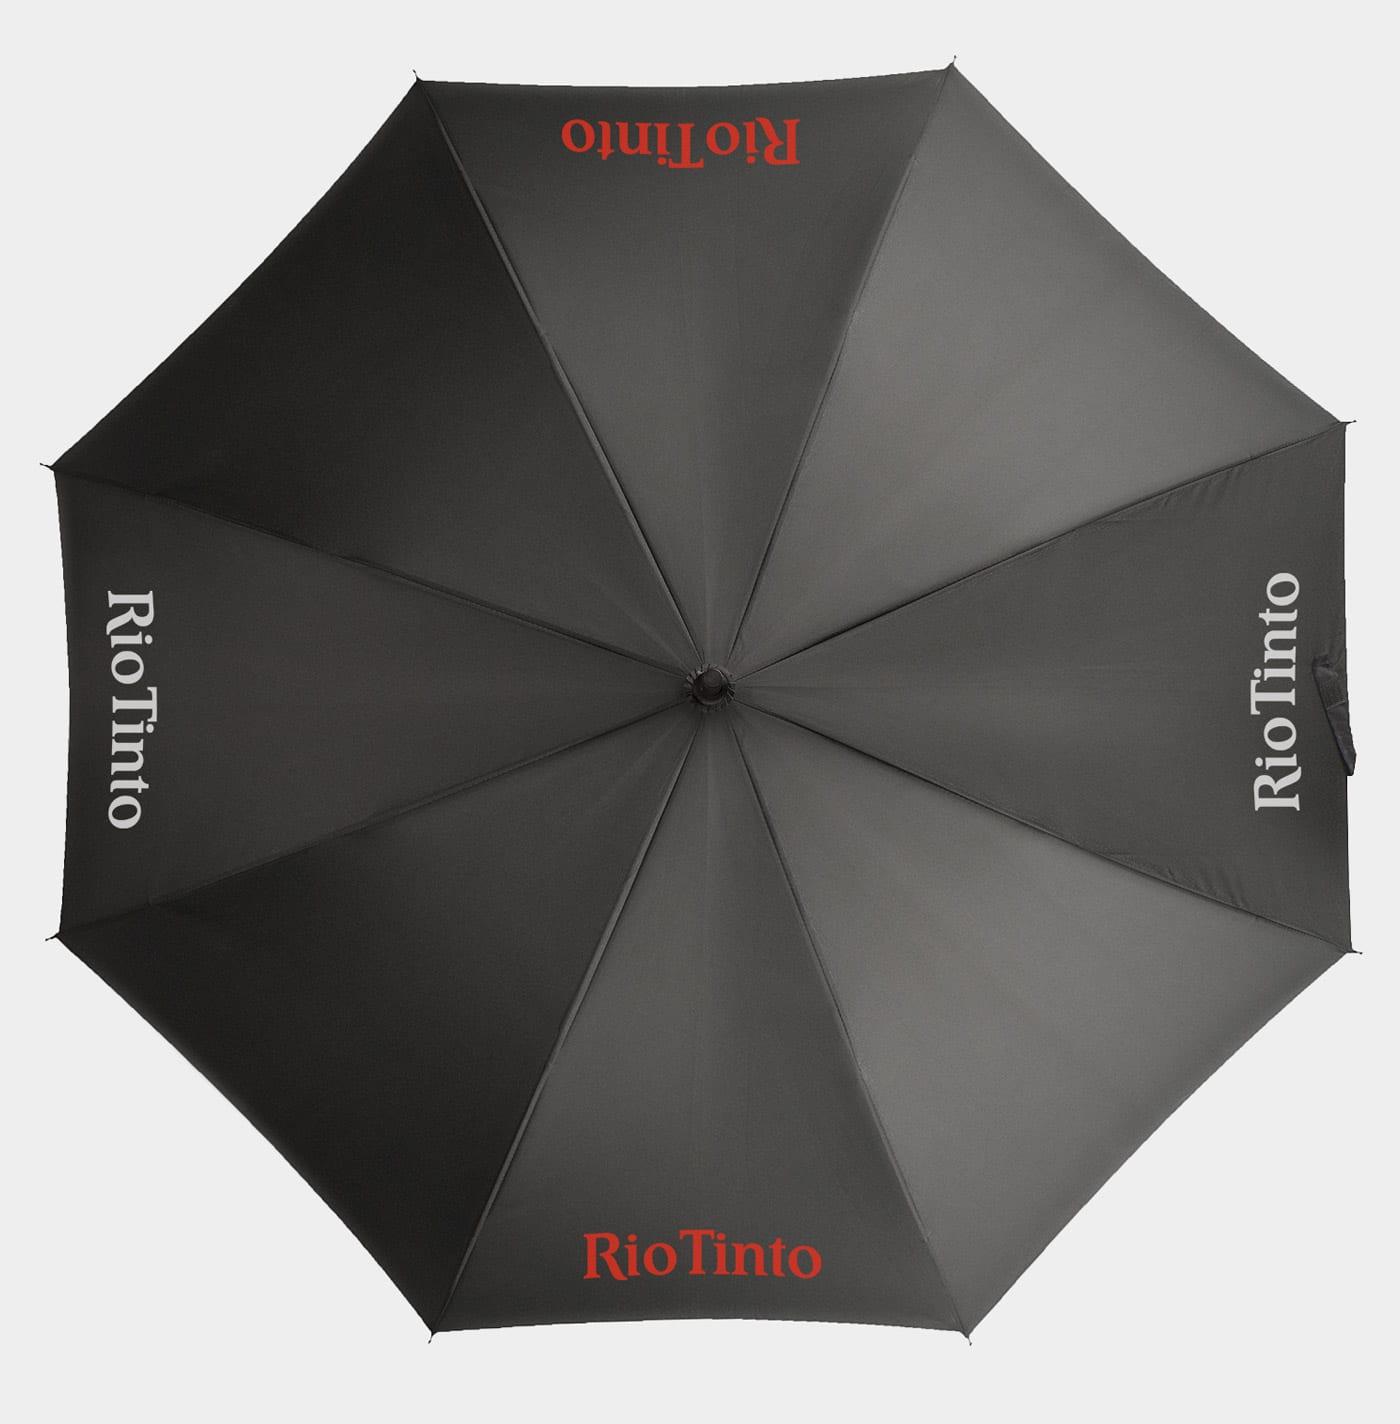 Mike-Garland-Illustration-Rio-Tinto-Umbrella-Top